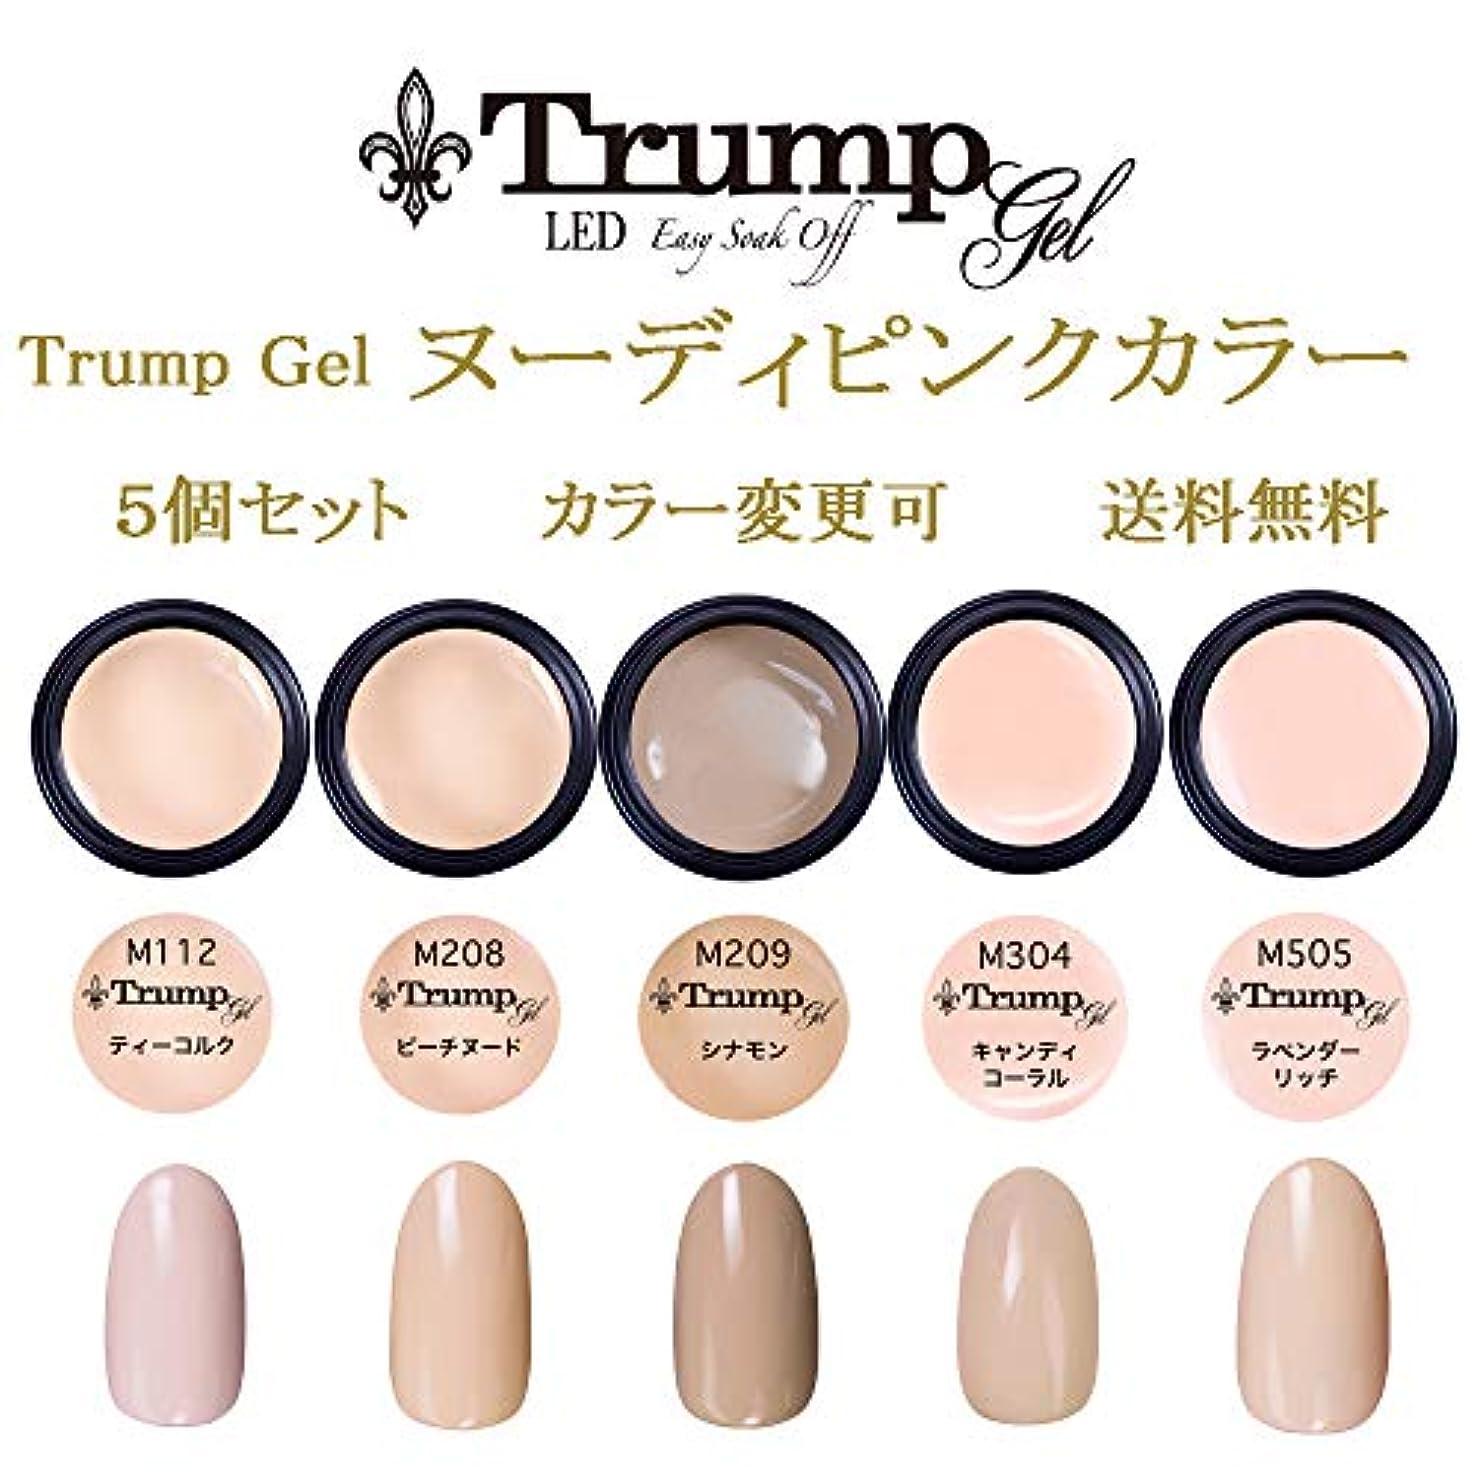 流すステンレス水族館日本製 Trump gel トランプジェル ヌーディピンク 選べる カラージェル 5個セット ピンク ベージュ ヌーディカラー